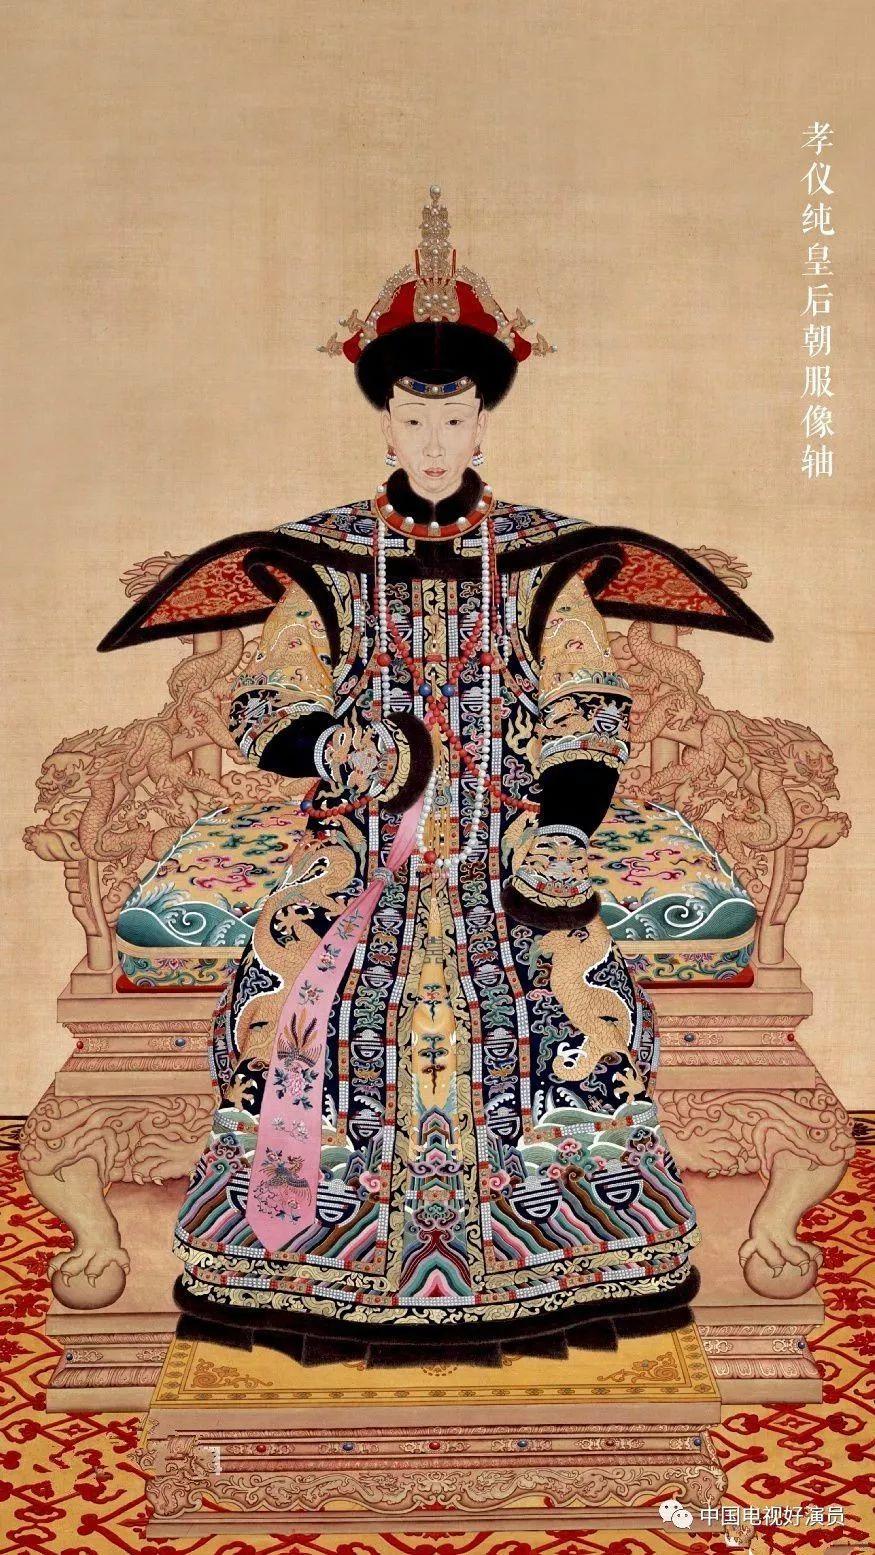 孝仪纯皇后画像图片